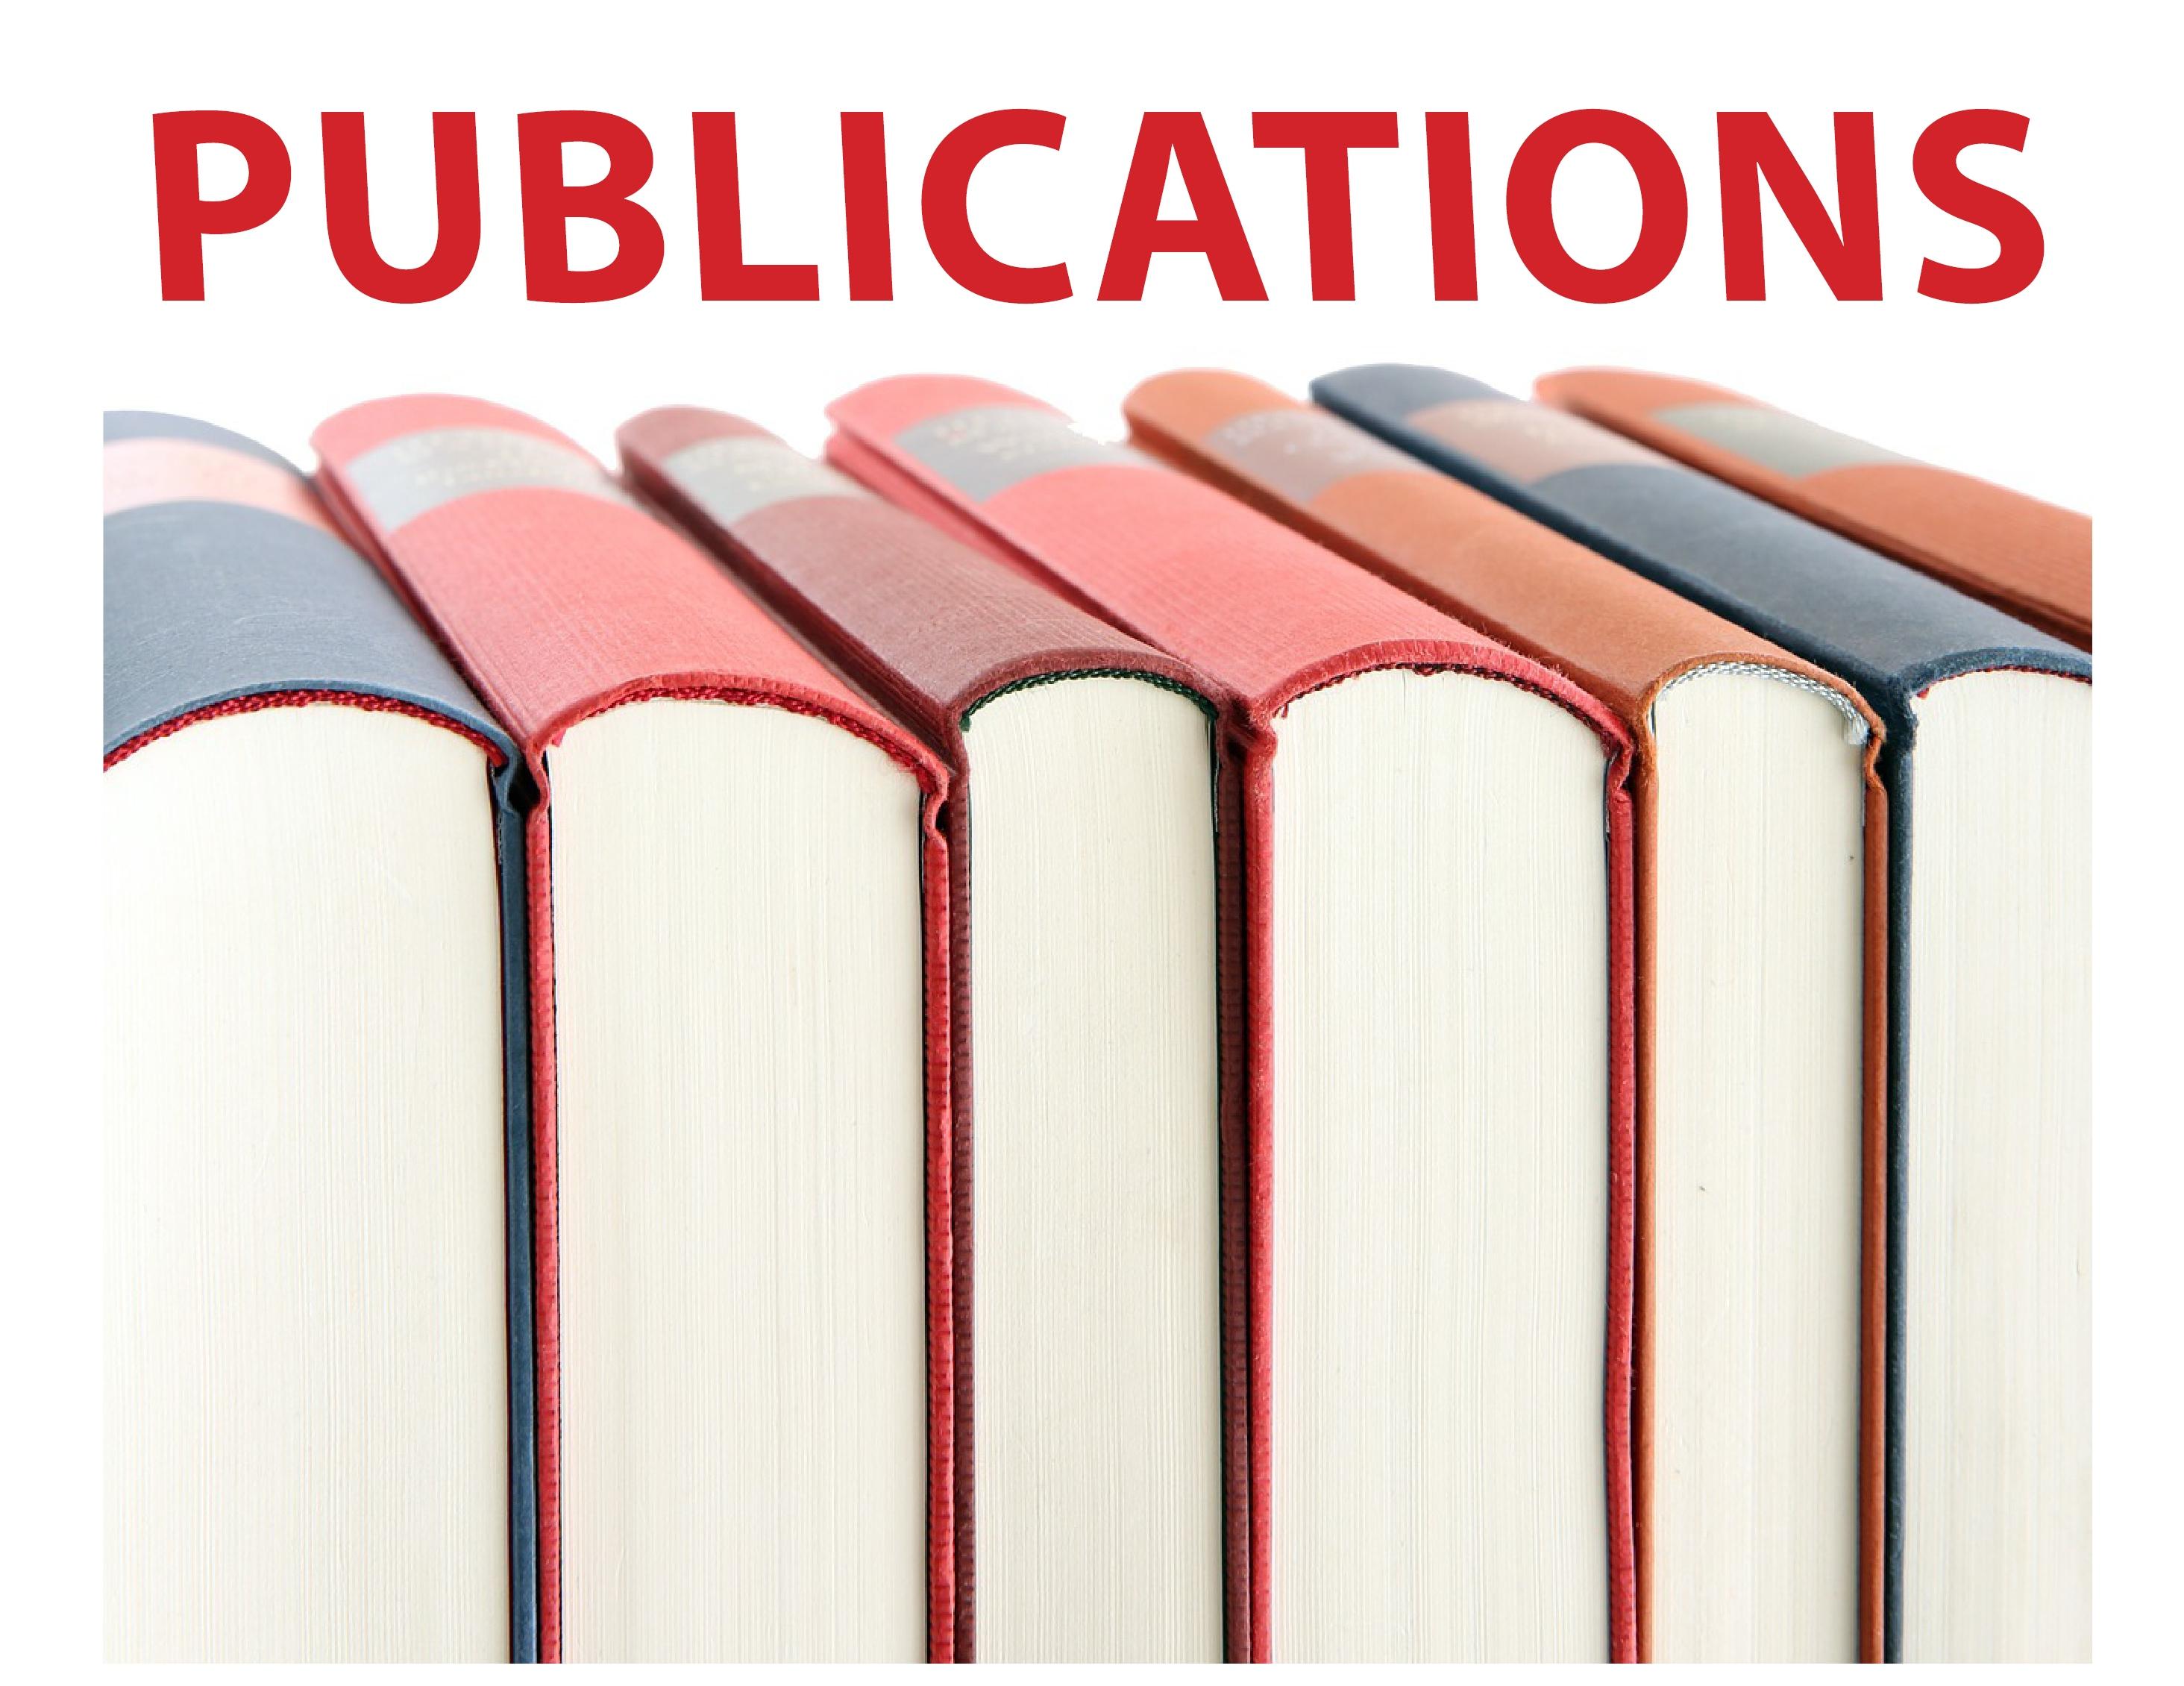 Bouton Publication